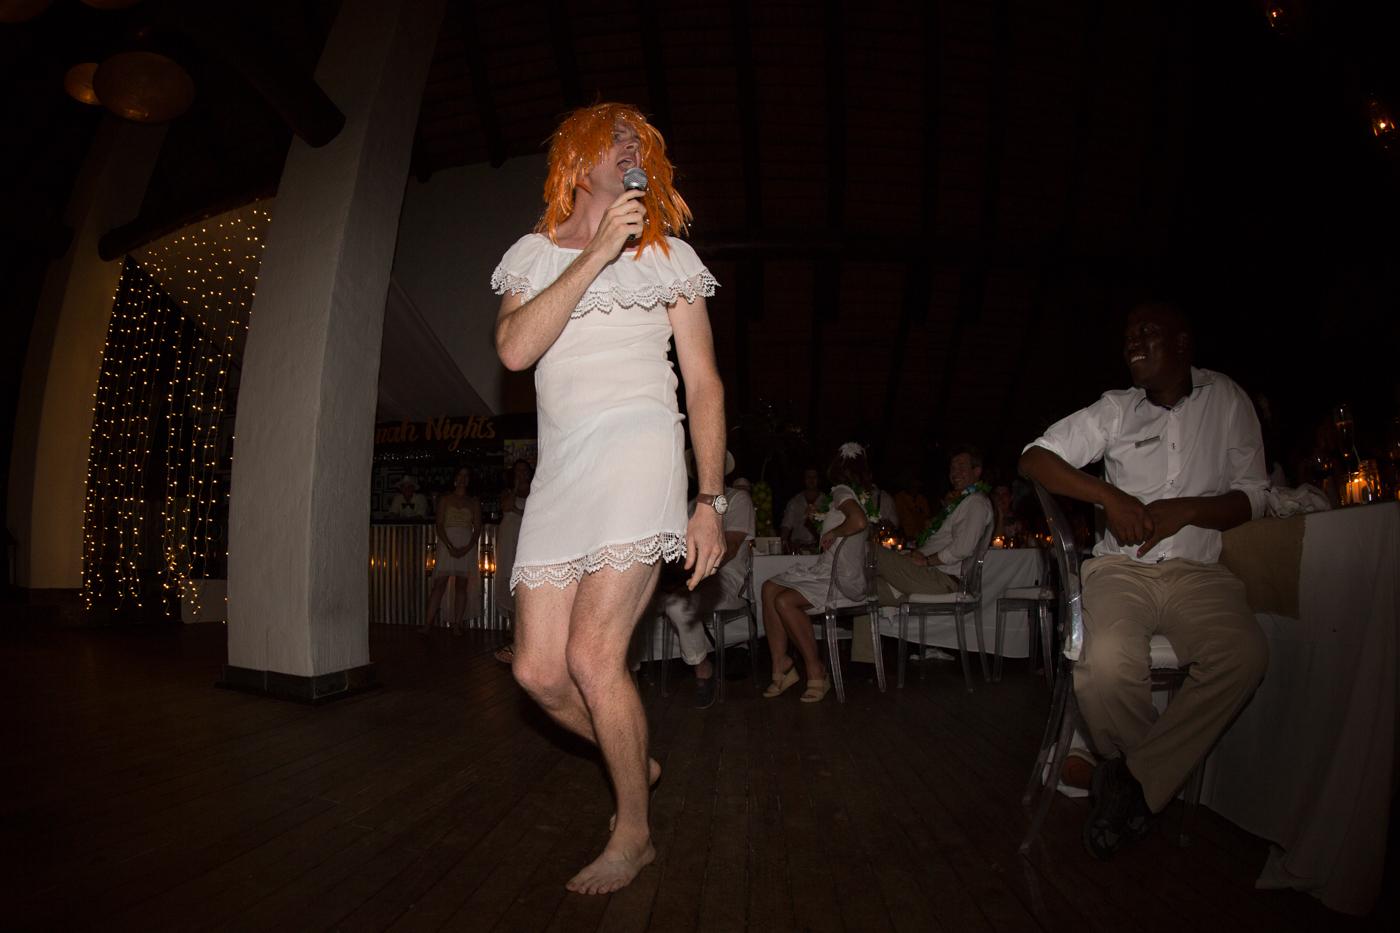 duncs-dance